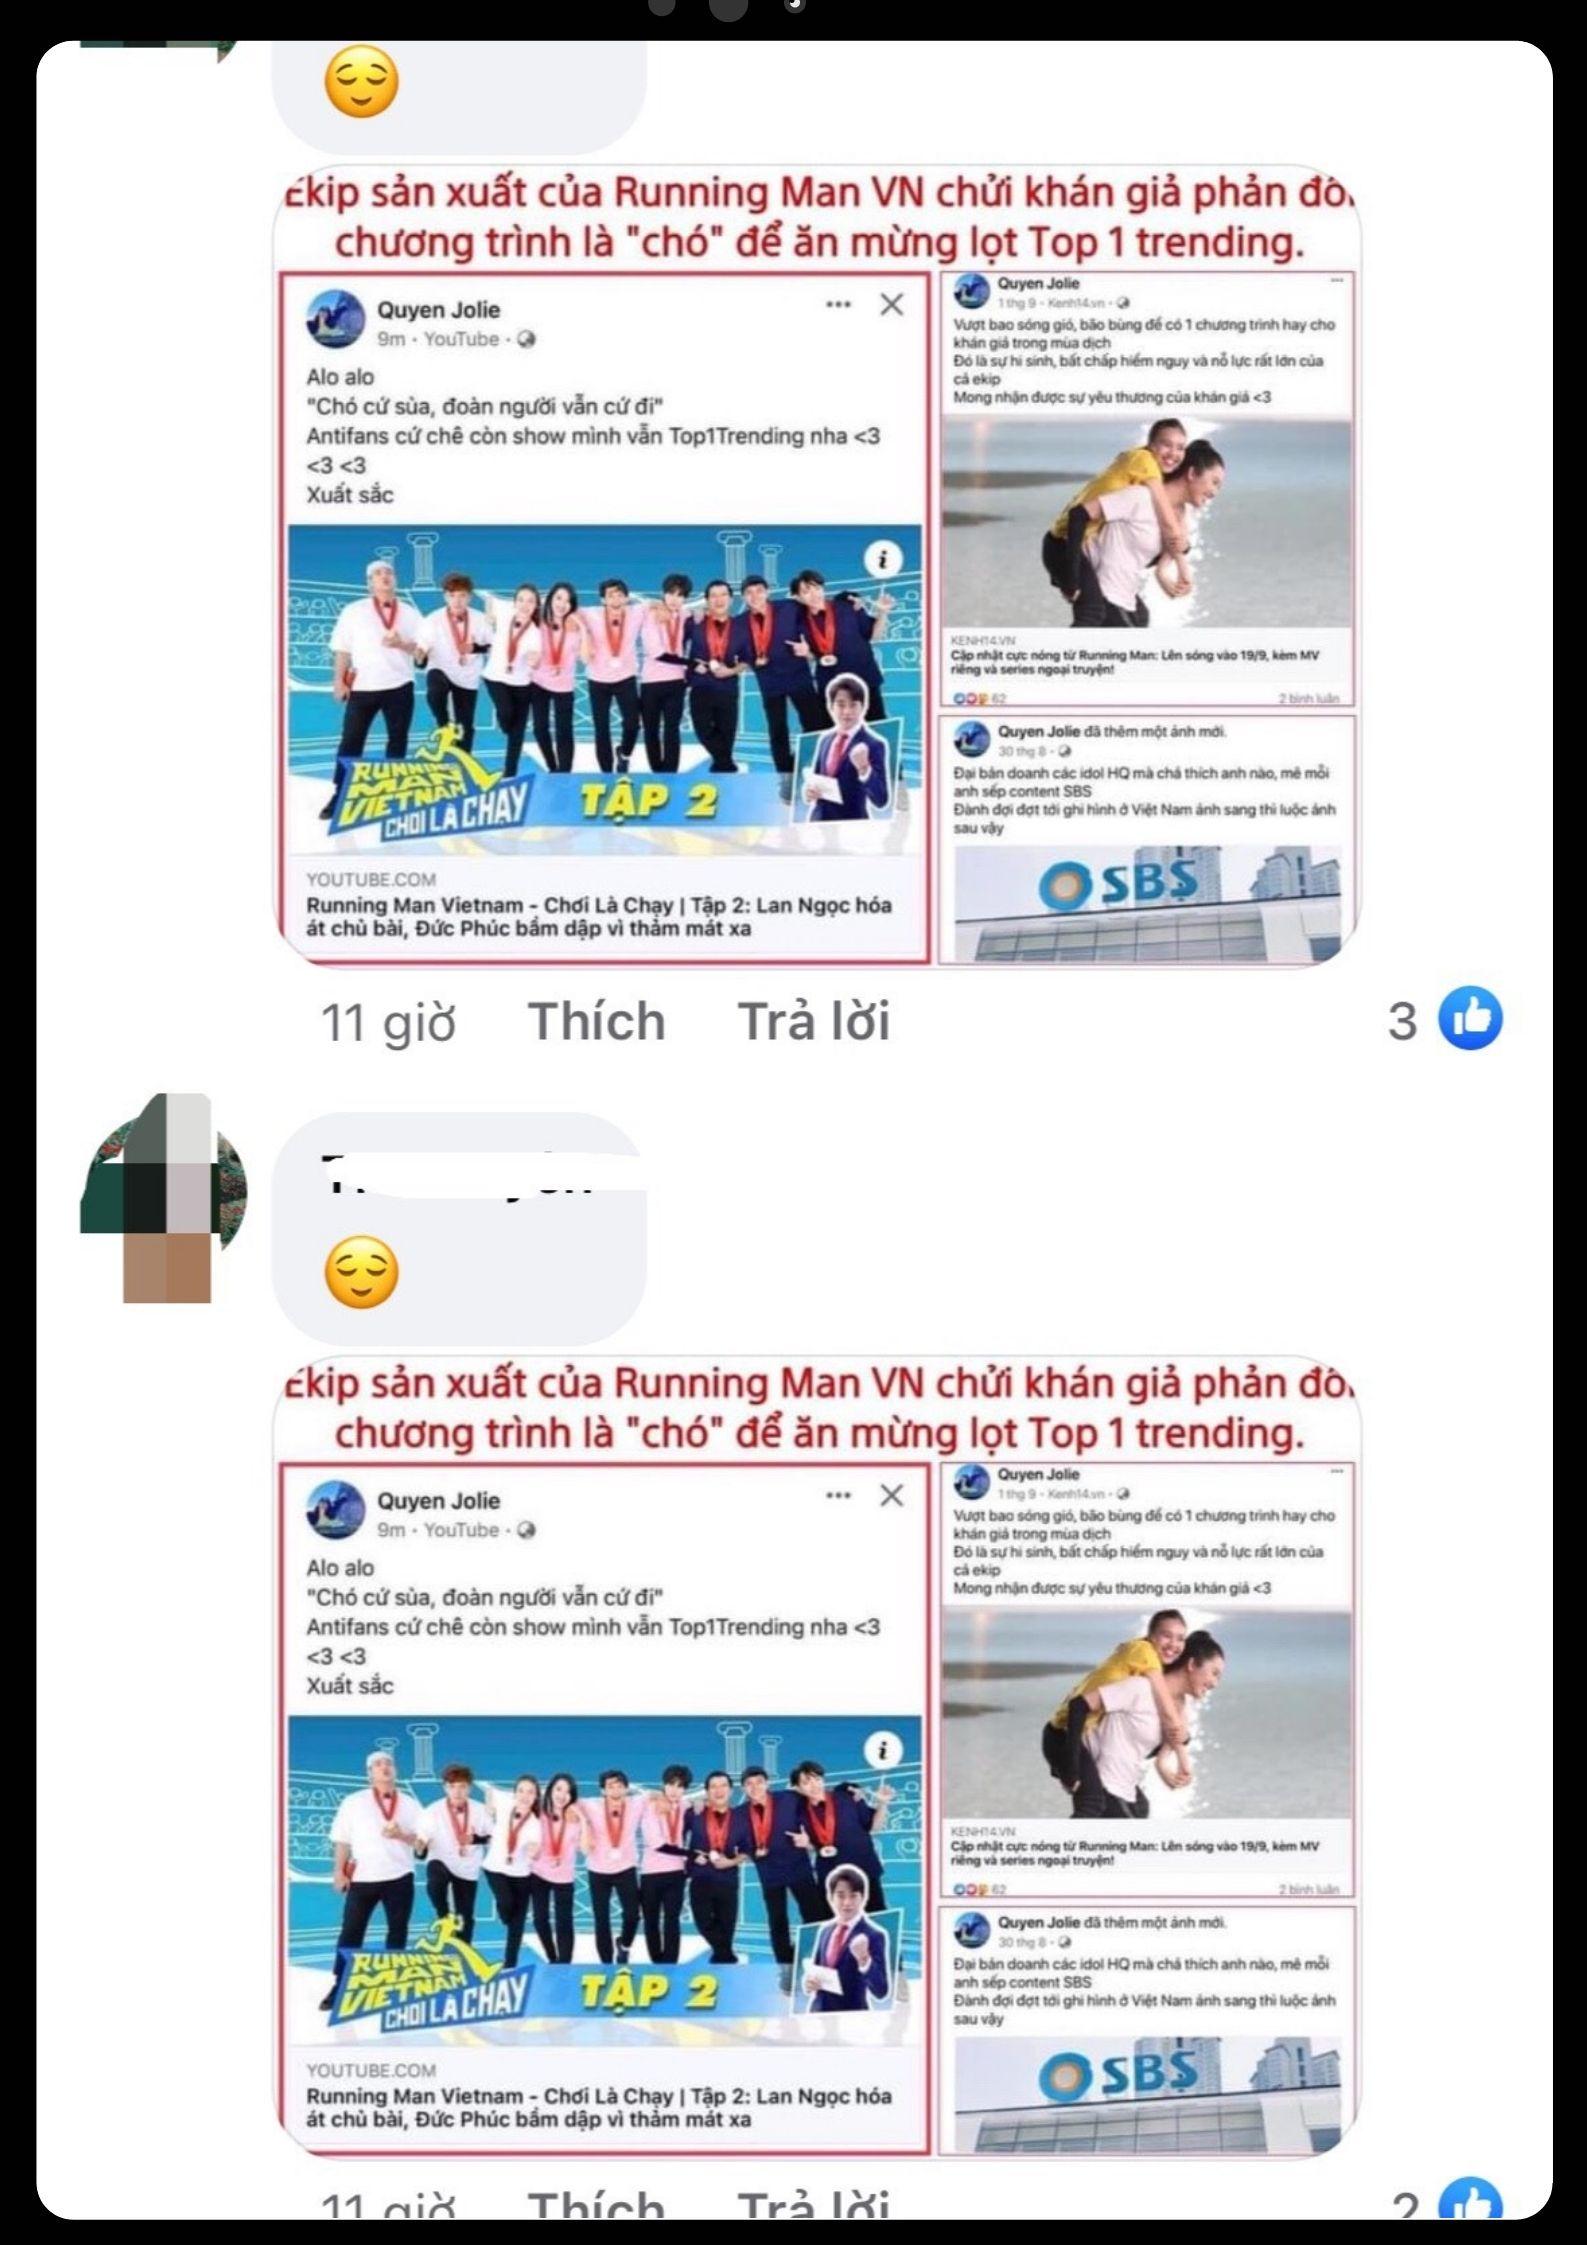 """Dân mạng đồng loạt vote 1 sao cho page của công ty sản xuất Running Man tại Việt Nam sau khi bị cho là có phát ngôn chửi khán giả là chó""""-2"""